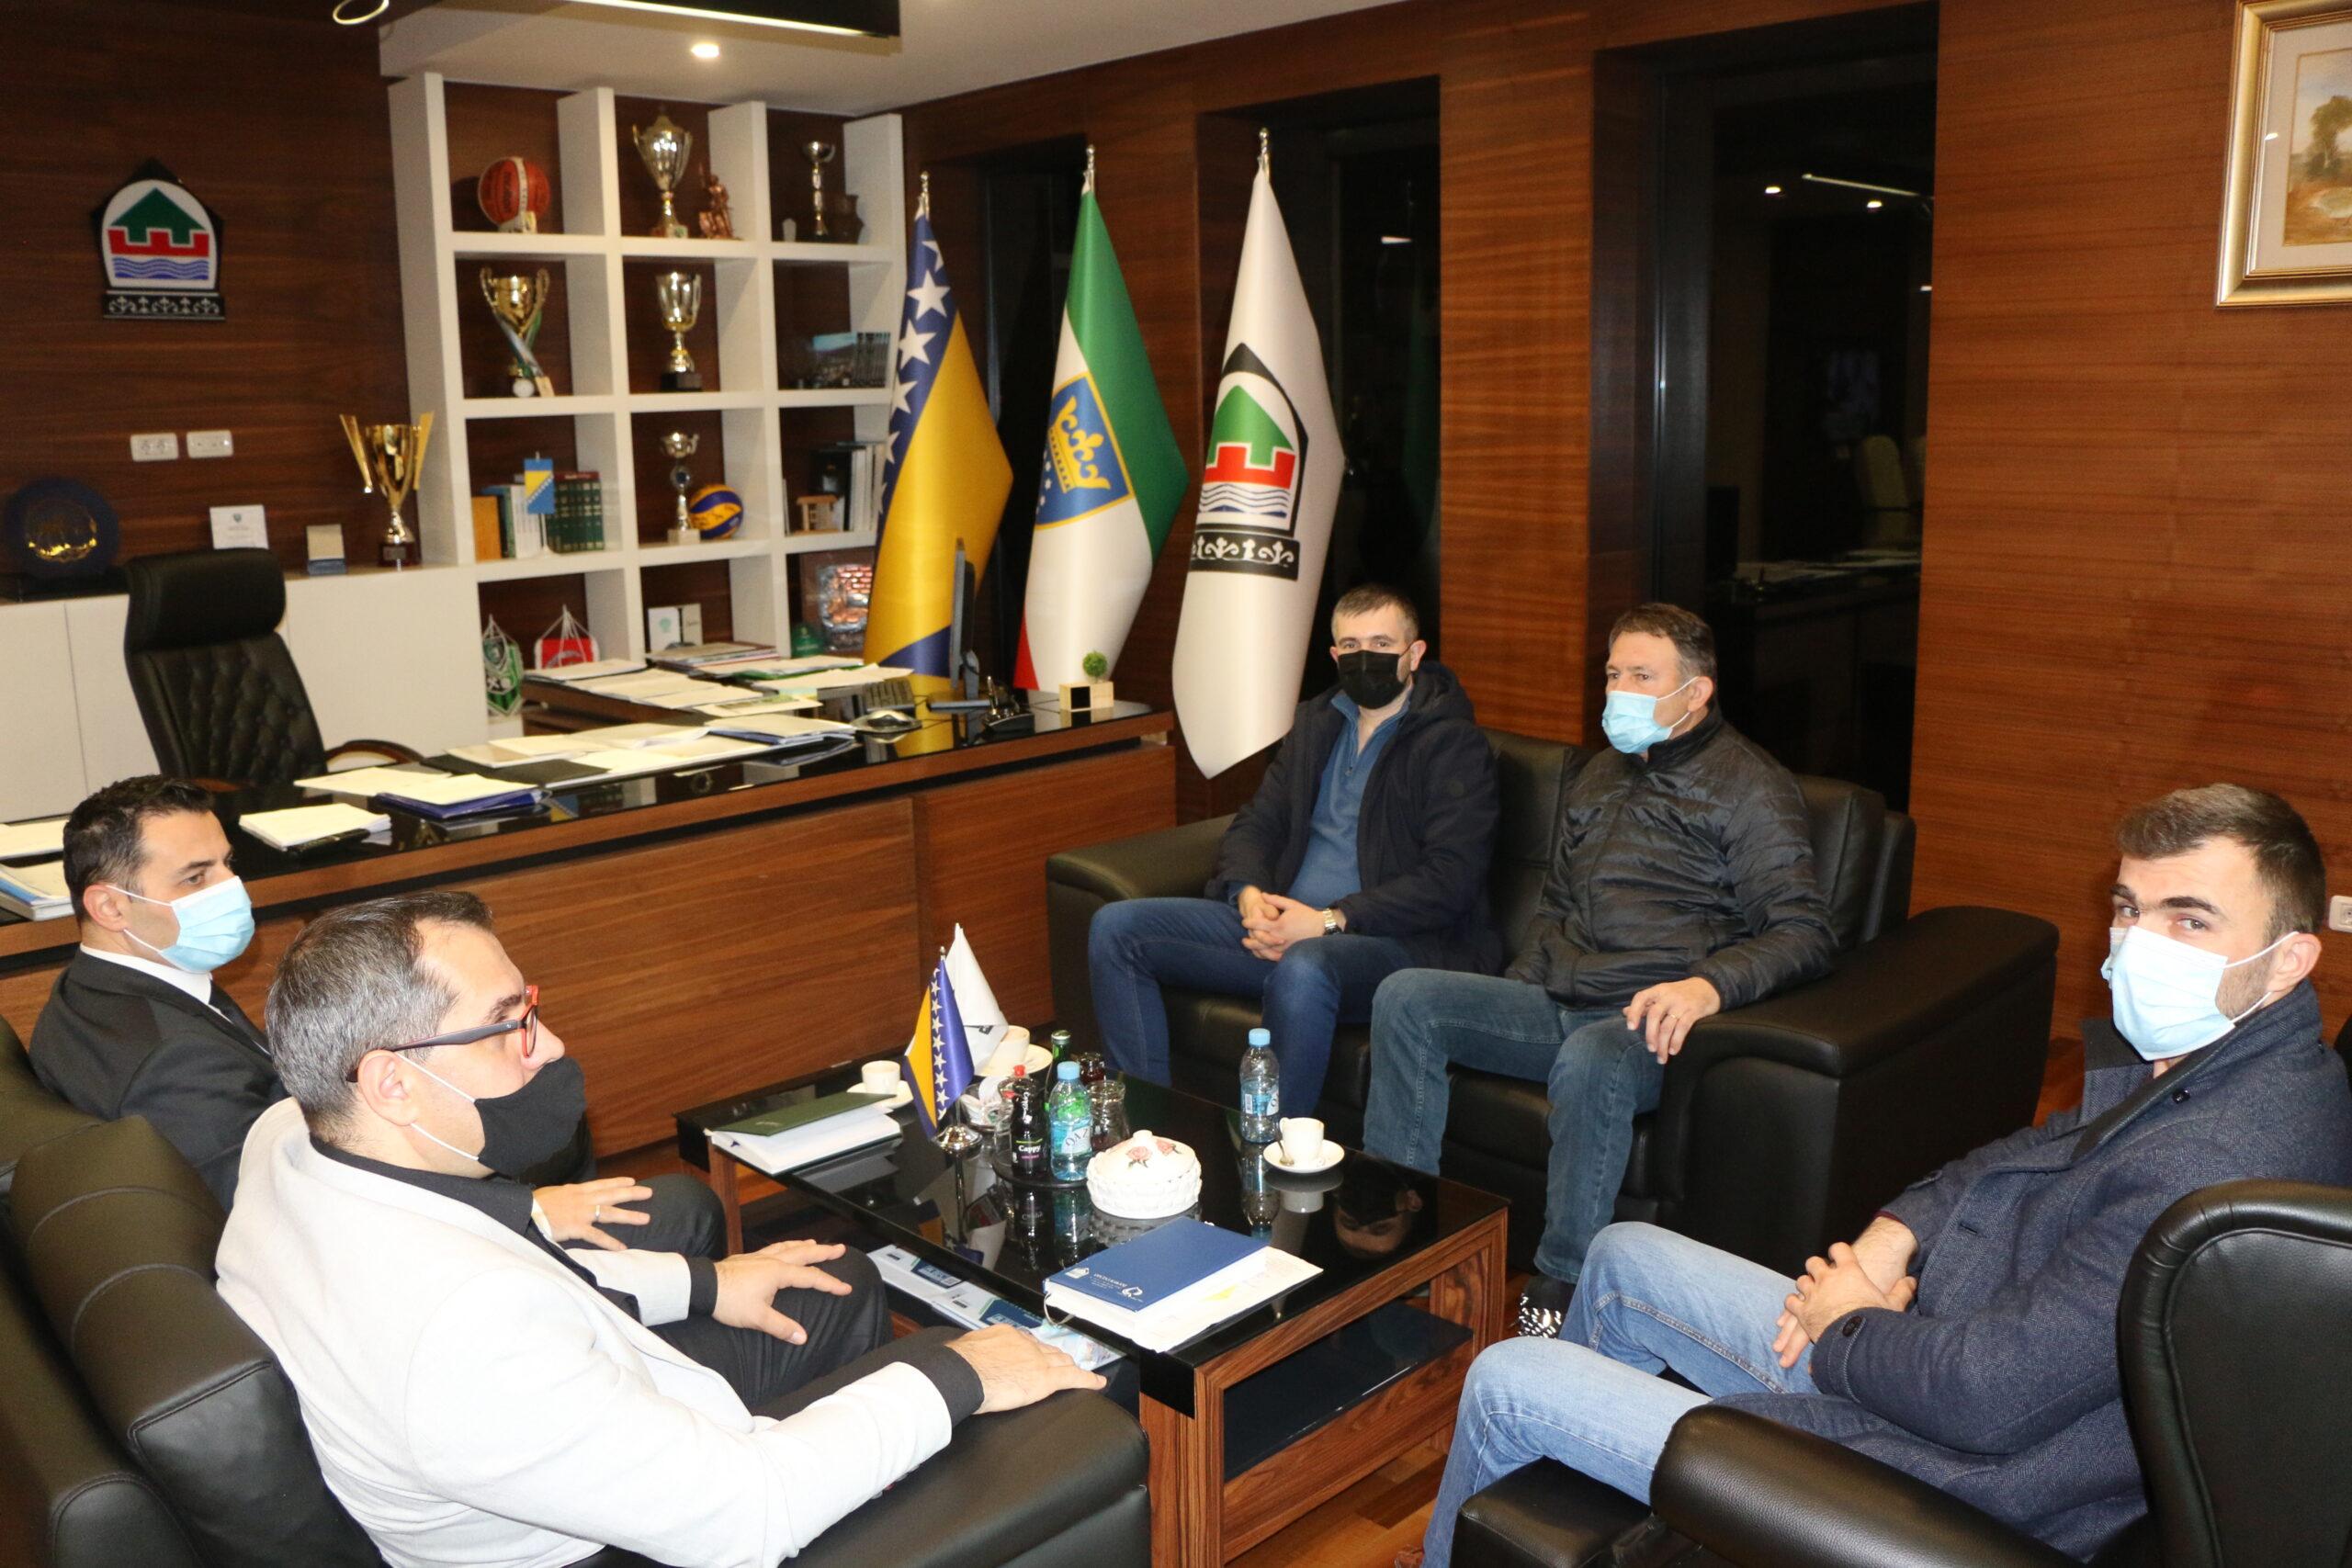 U dosluhu s narodom: Načelnik Općine Kakanj Mirnes Bajtarević započeo širok krug razgovora i konsultacija s predstavnicima kakanjskih mjesnih zajednica